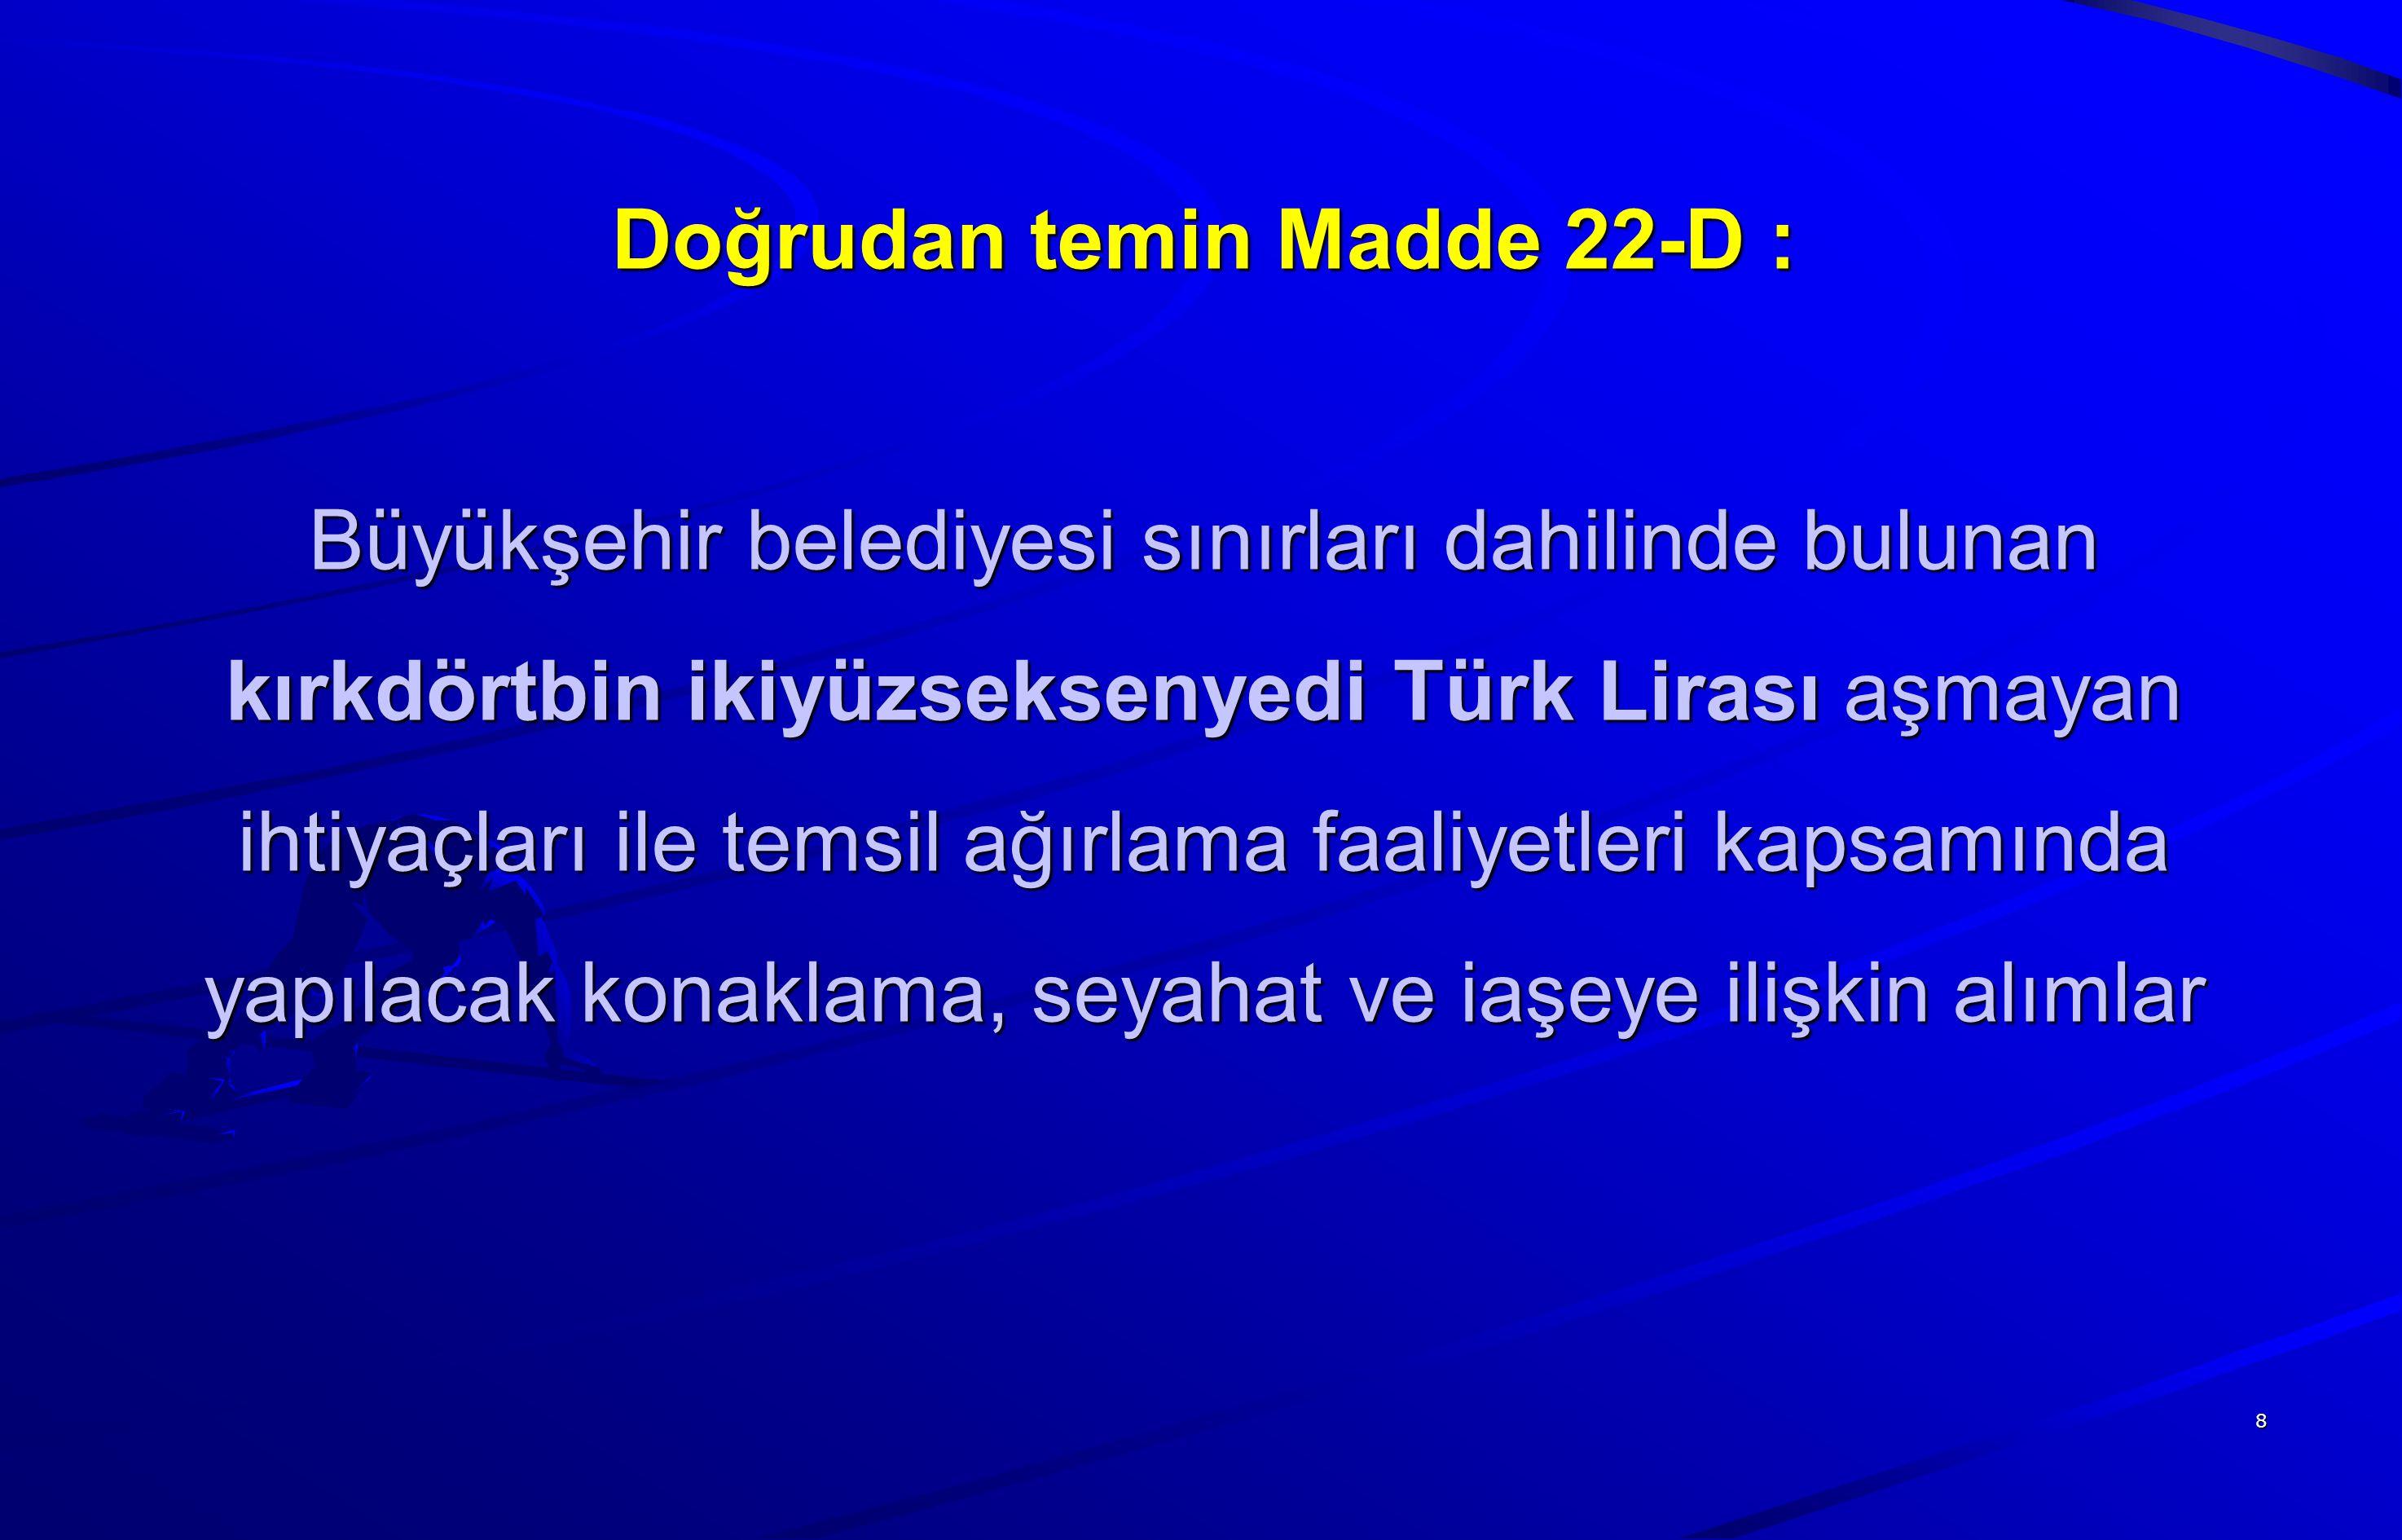 Doğrudan temin Madde 22-D : Büyükşehir belediyesi sınırları dahilinde bulunan kırkdörtbin ikiyüzseksenyedi Türk Lirası aşmayan ihtiyaçları ile temsil